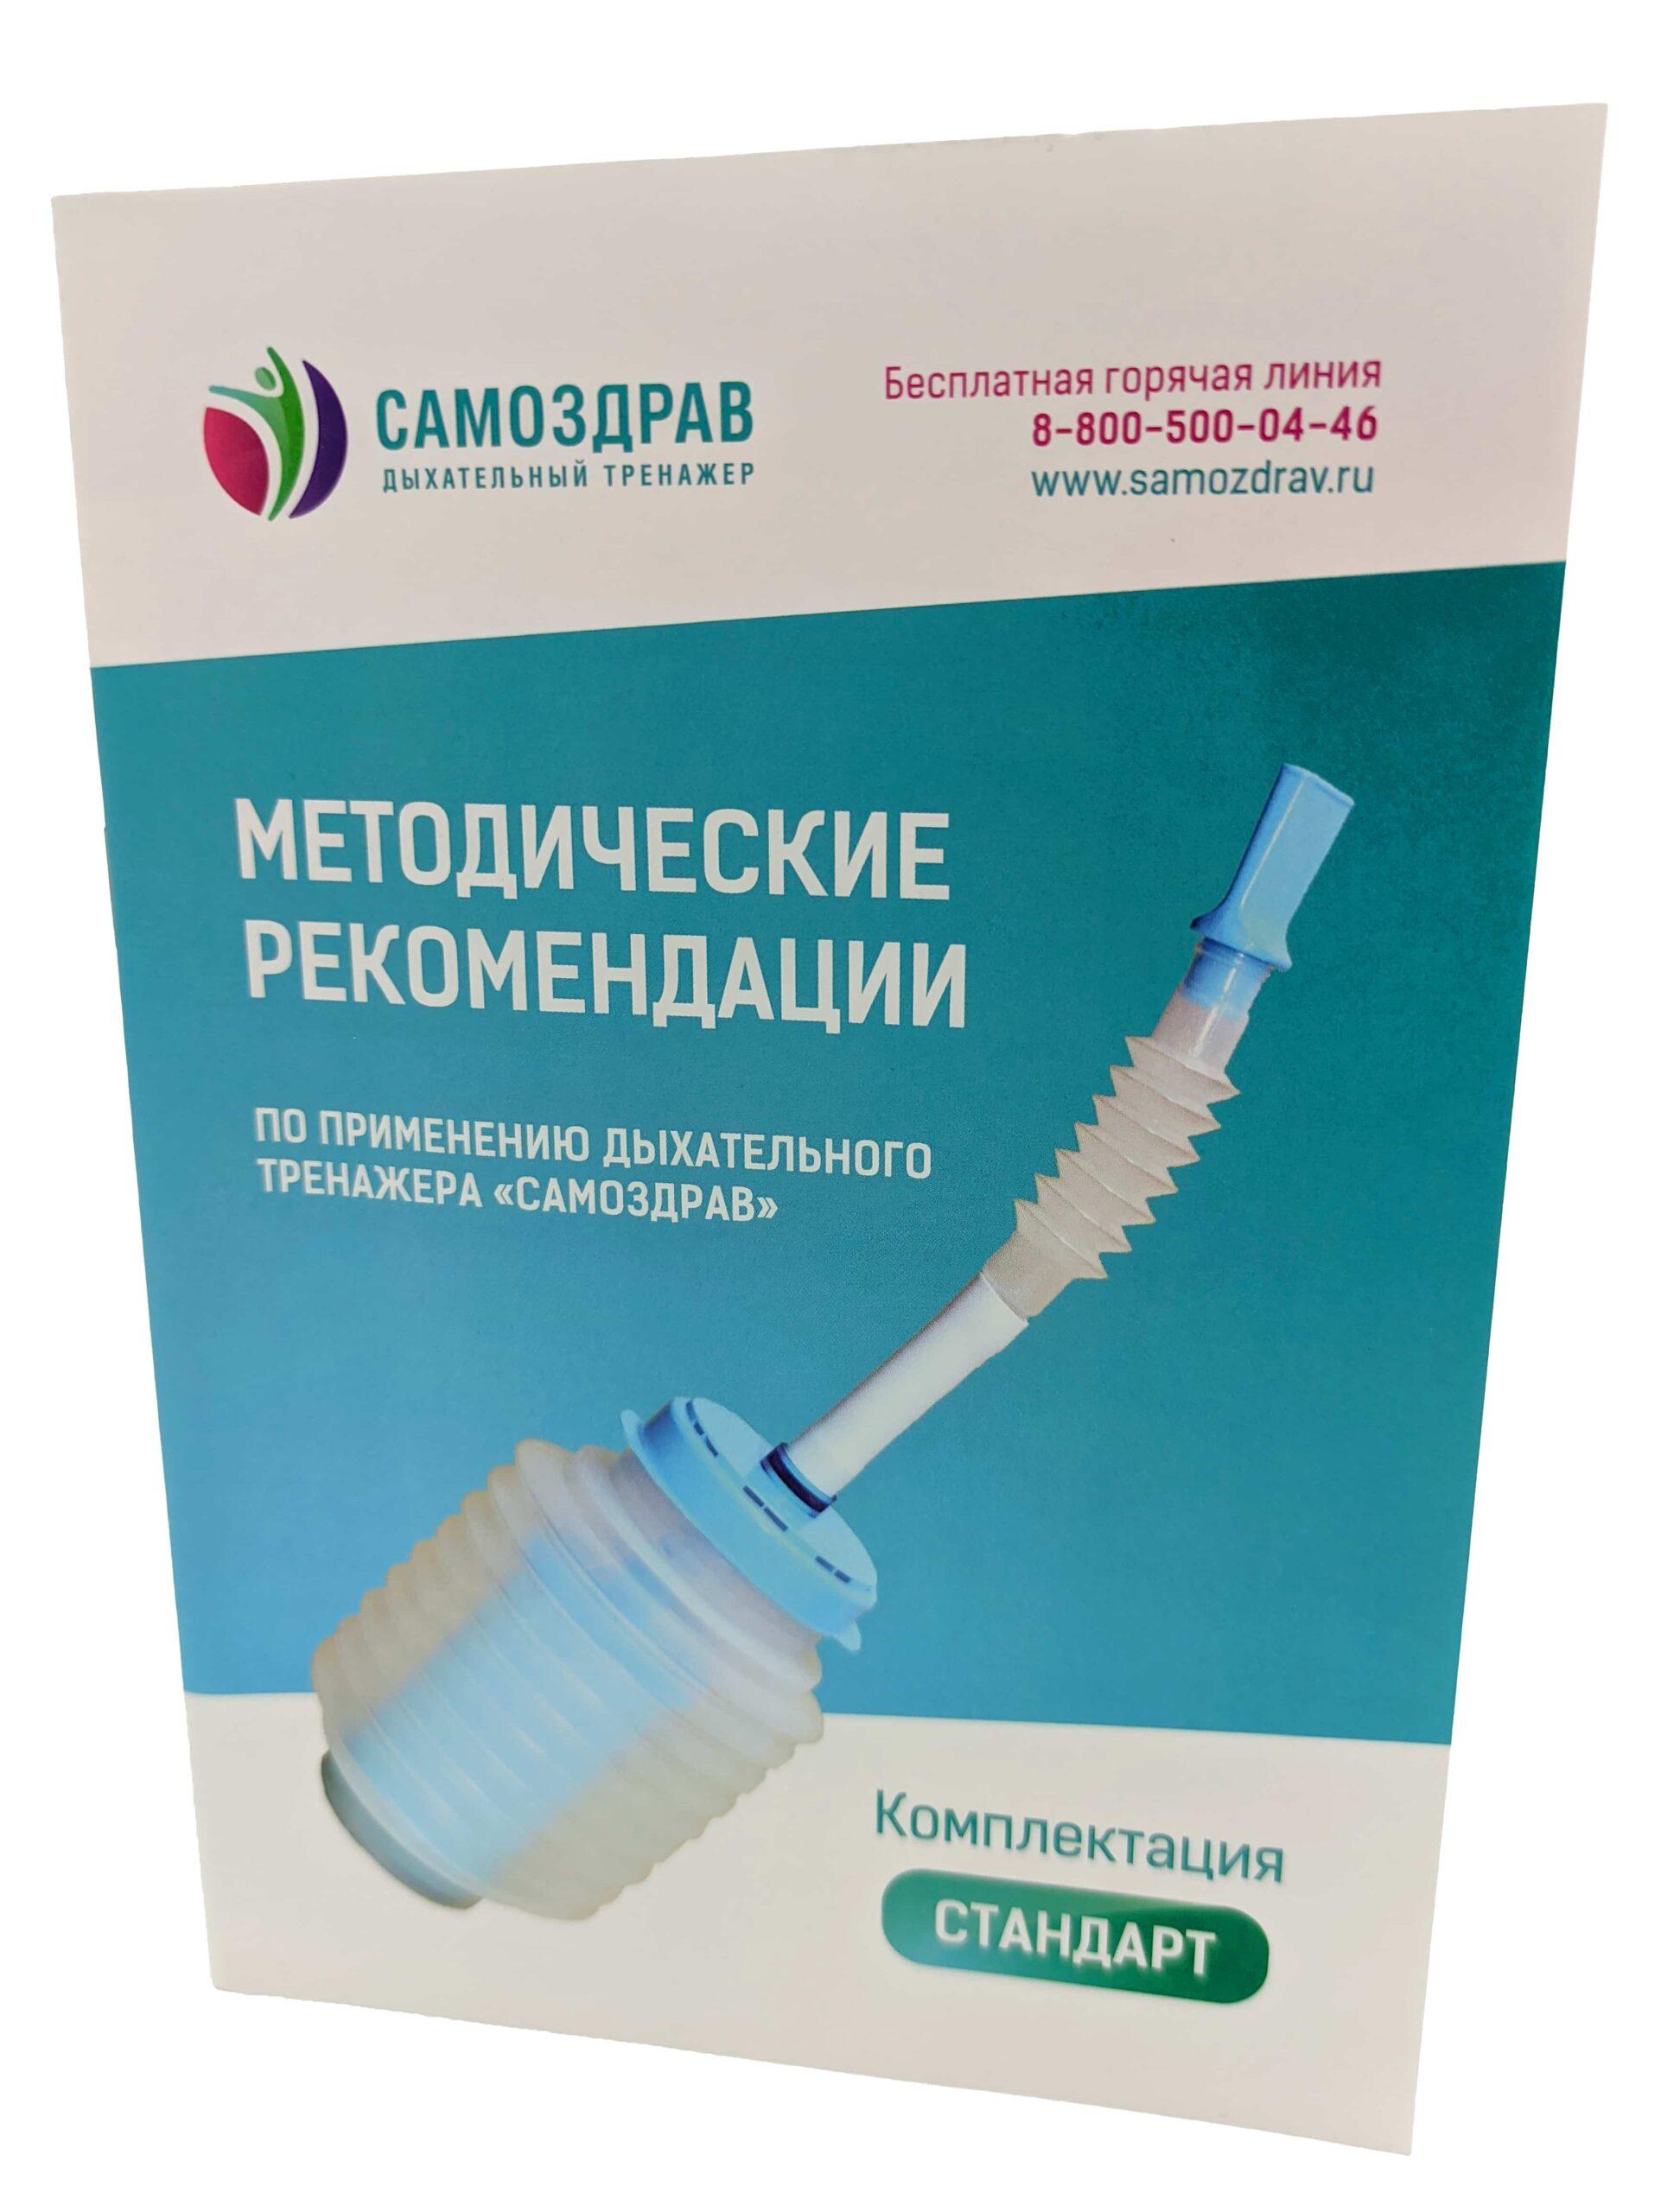 Дыхательный тренажер Самоздрав стандарт-3